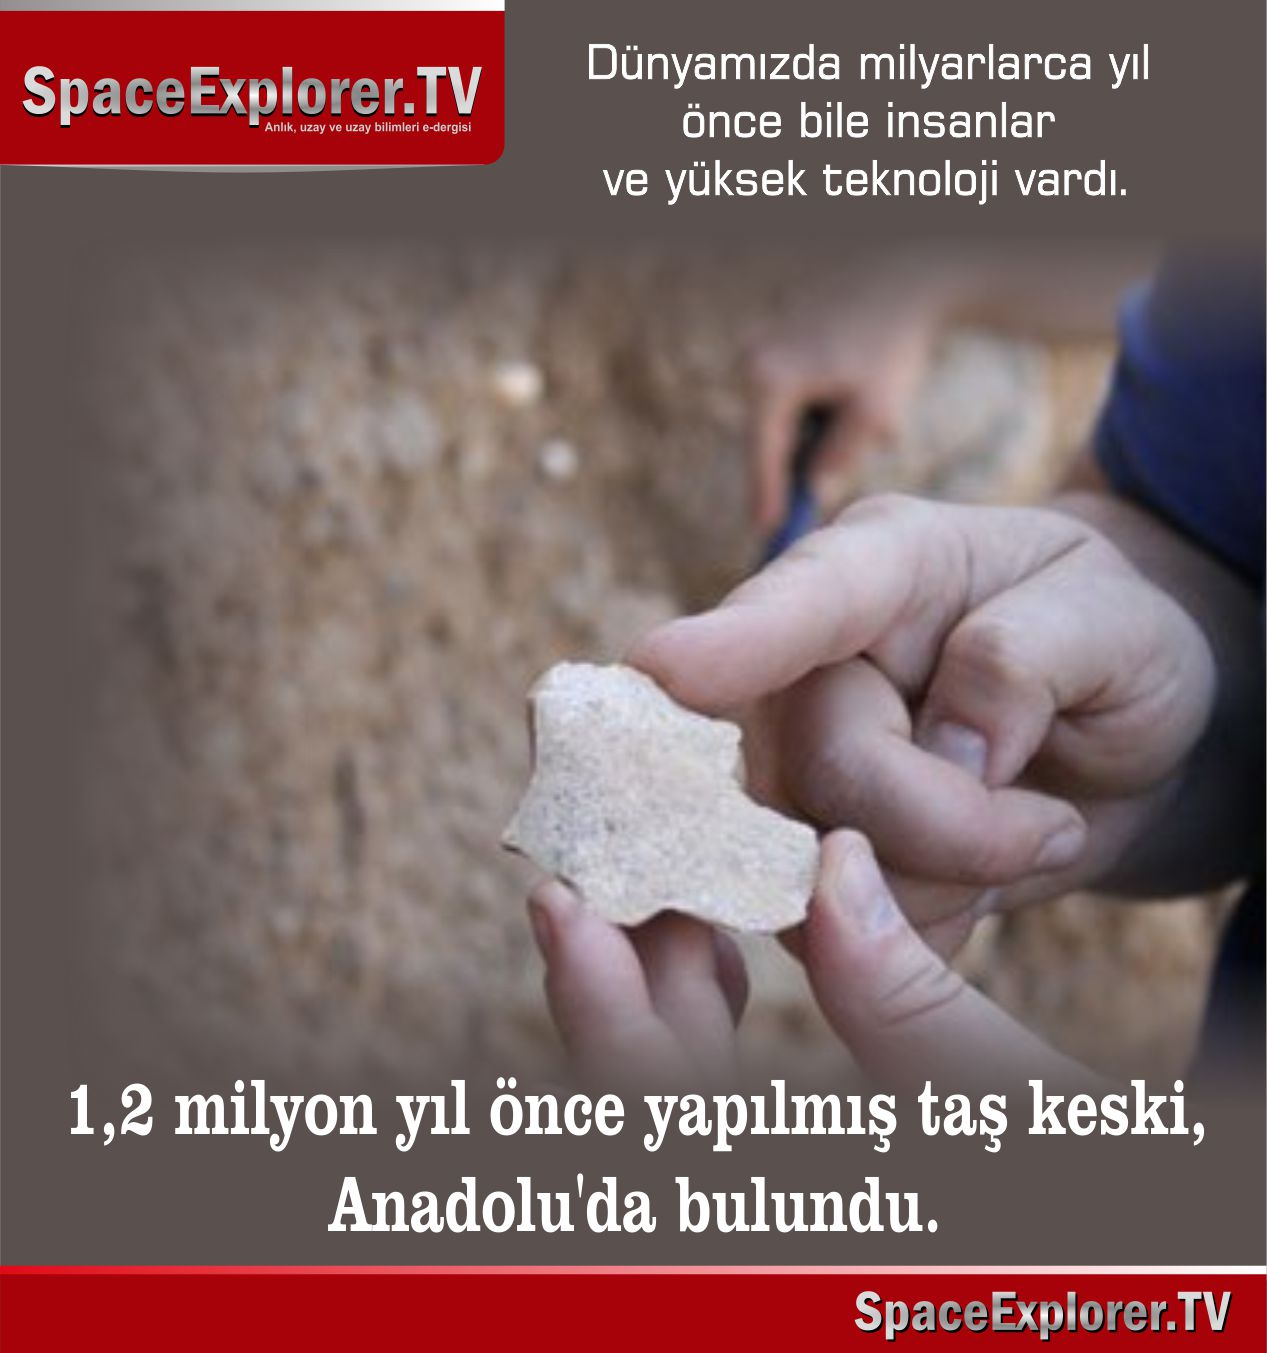 Geçmiş teknoloji devirleri, Adem aleyhisselamdan öncesi, İnsanlık tarihi ne kadar, Dünyanın gerçek tarihi, Arkeoloji, Antik uzaylılar,